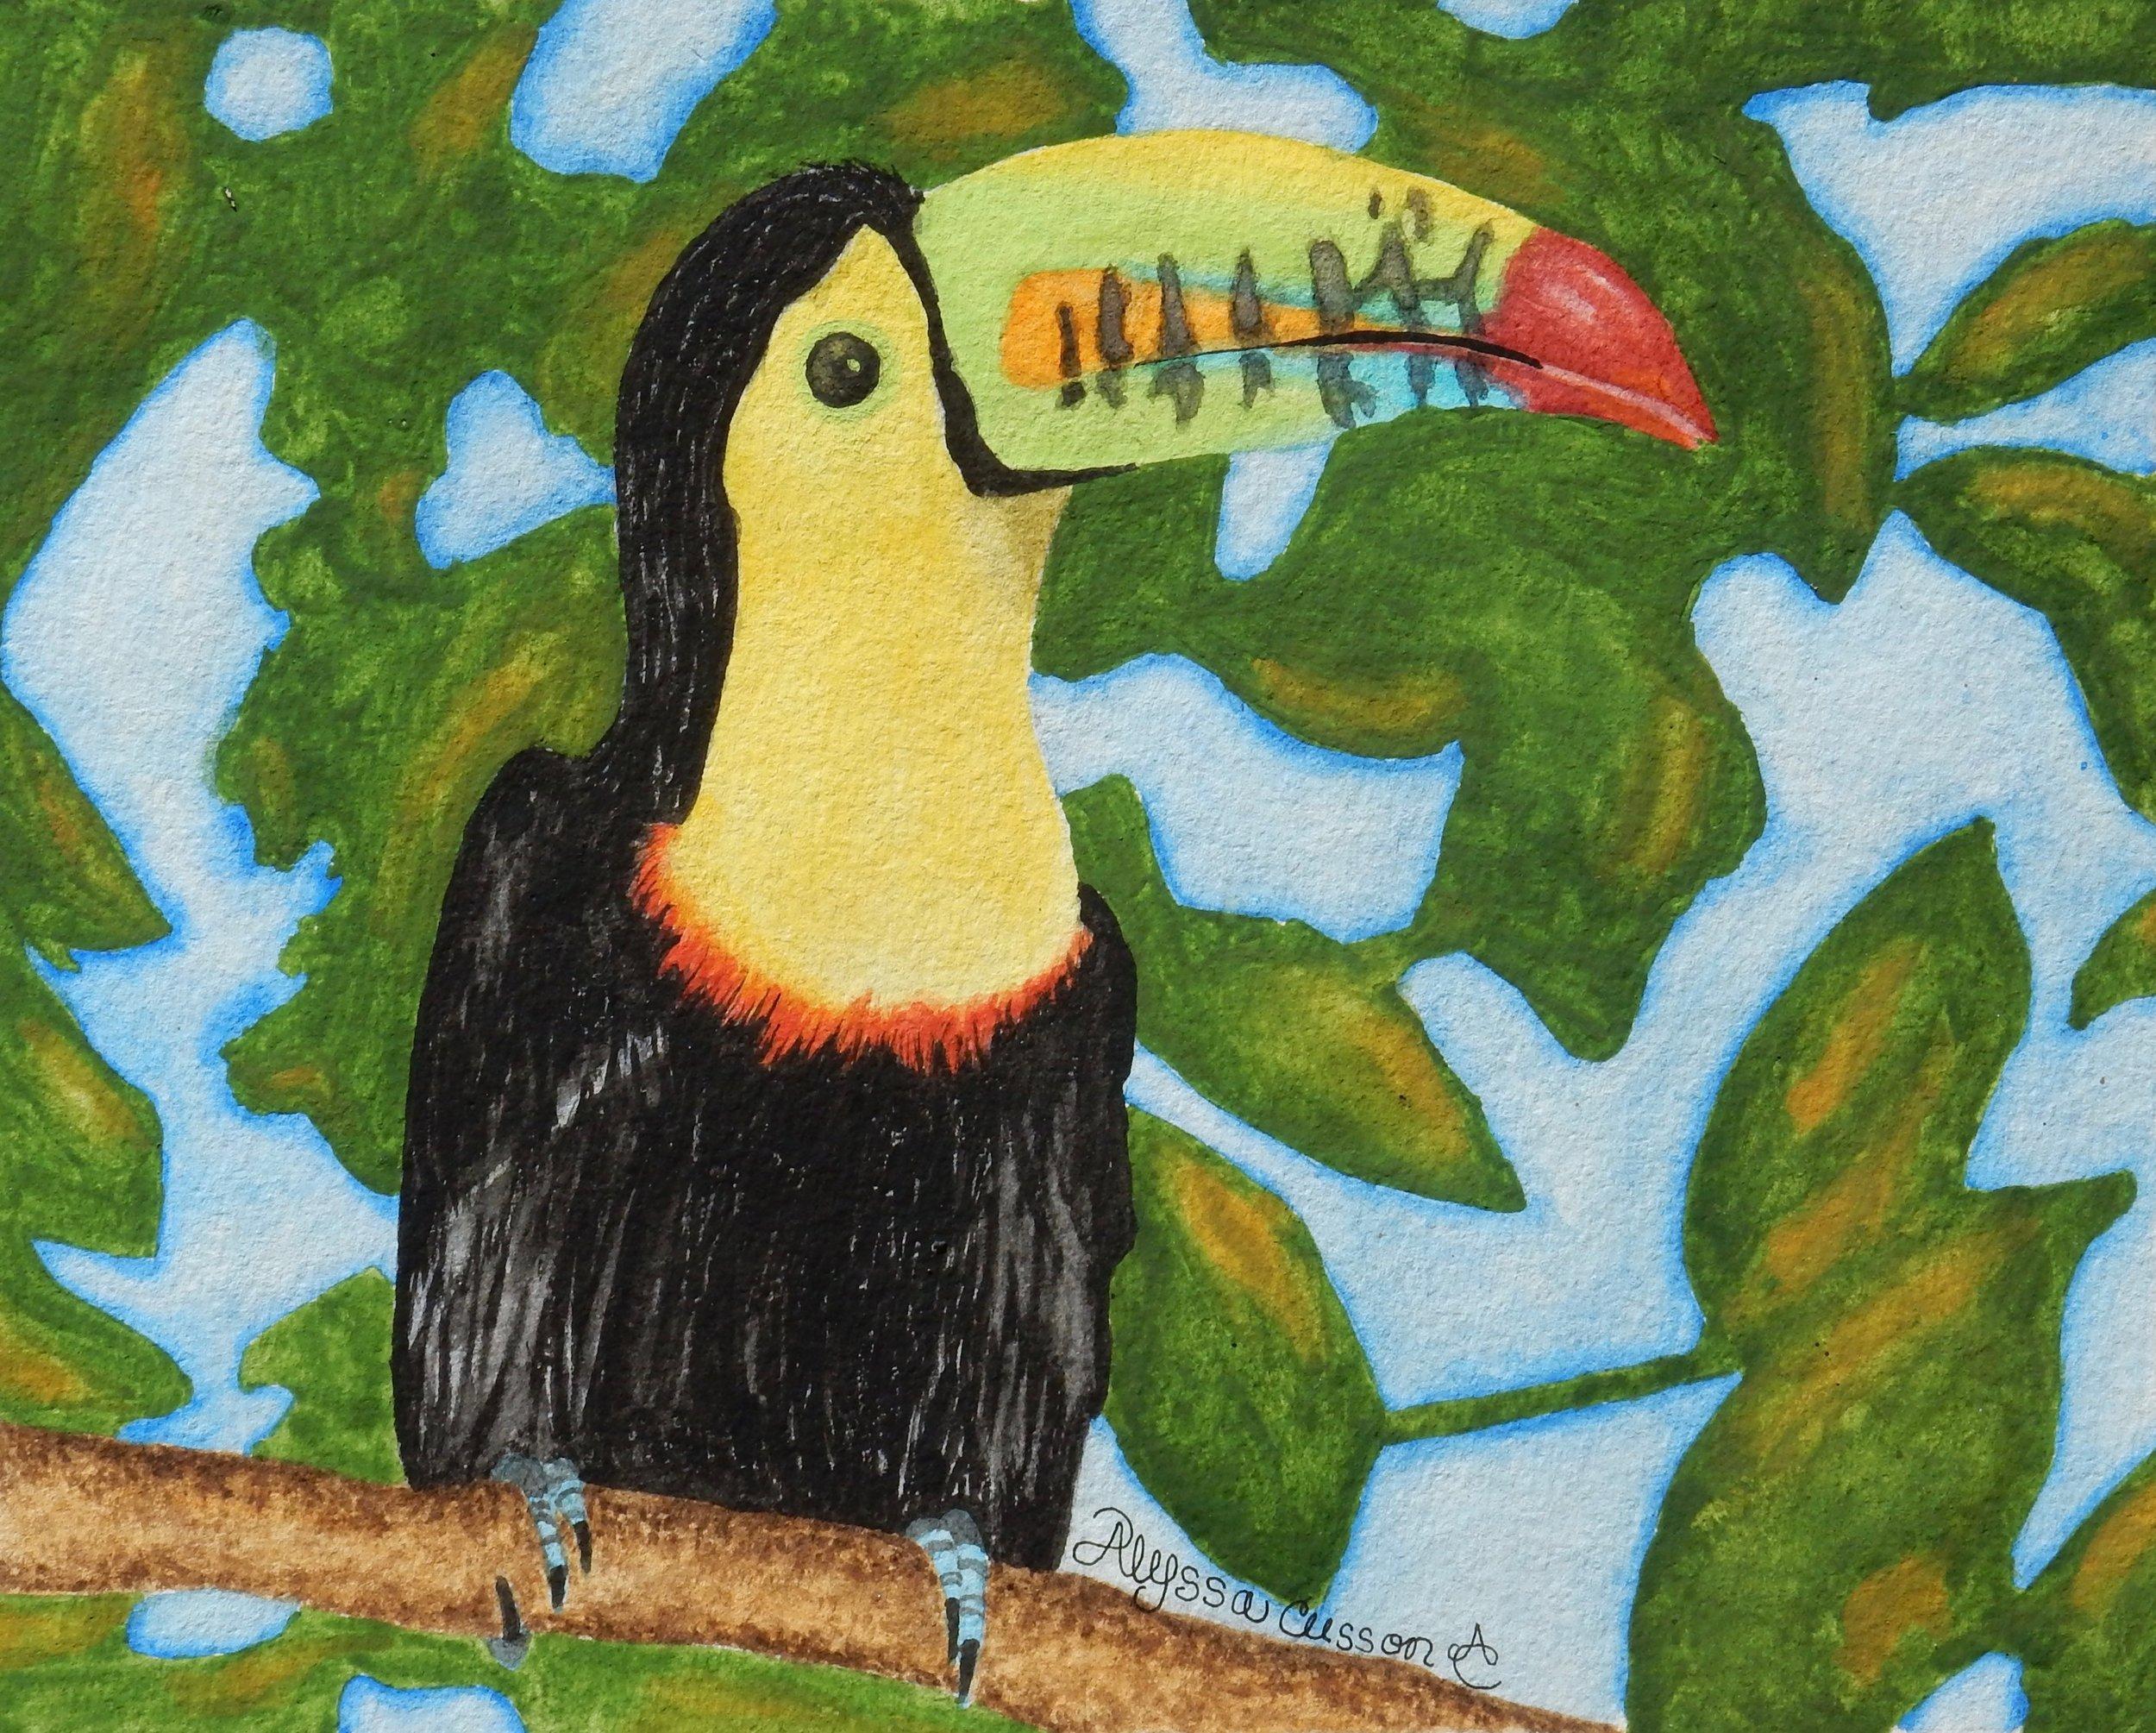 Alyssa Cusson.14yrs.watercolor